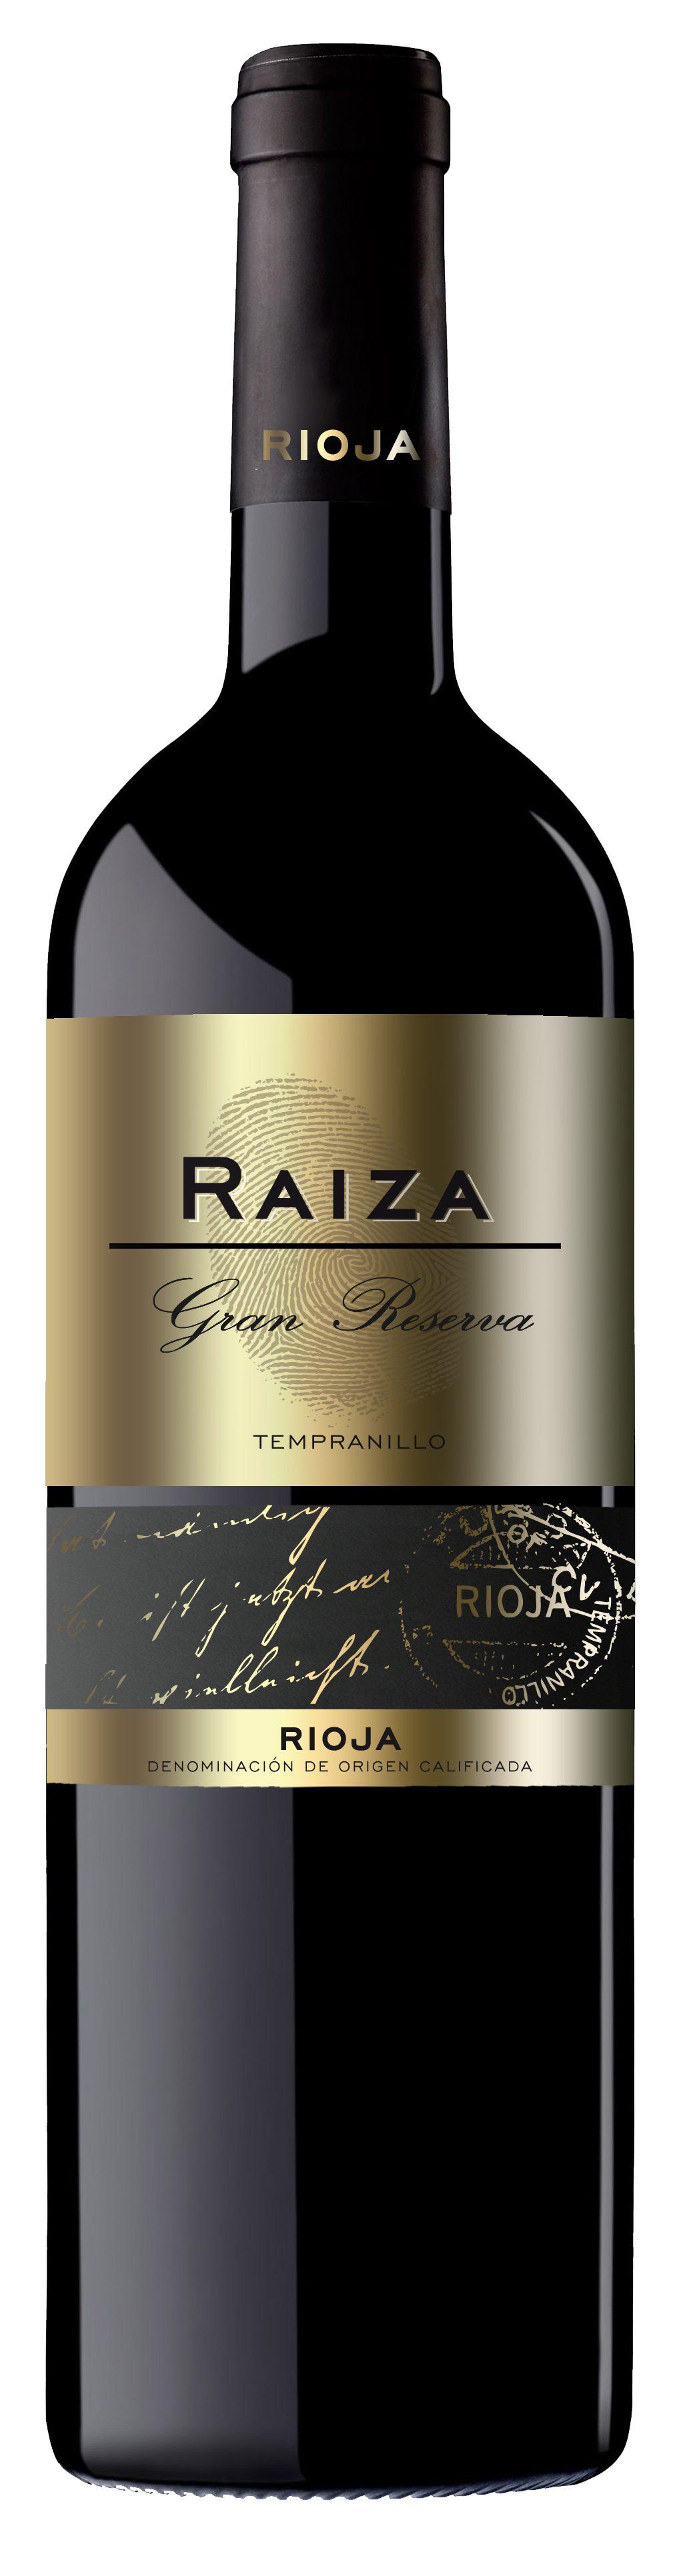 Vicente Gandia Rioja Raiza Gran Reserva